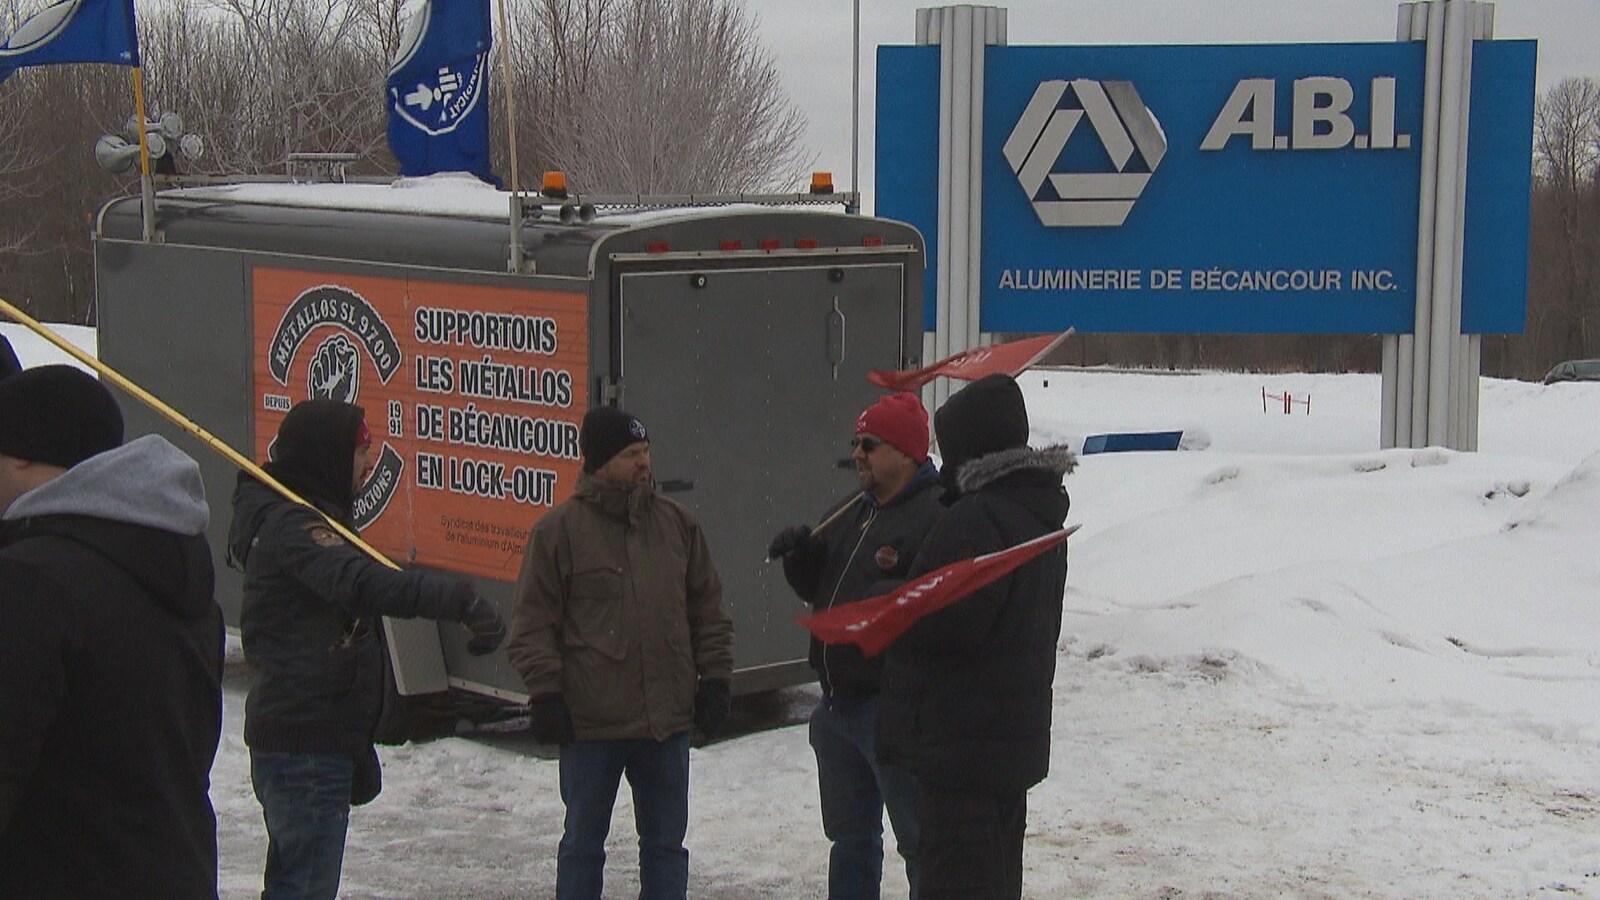 Pancarte de l'ABI derrière des travailleurs qui tiennent des pancartes